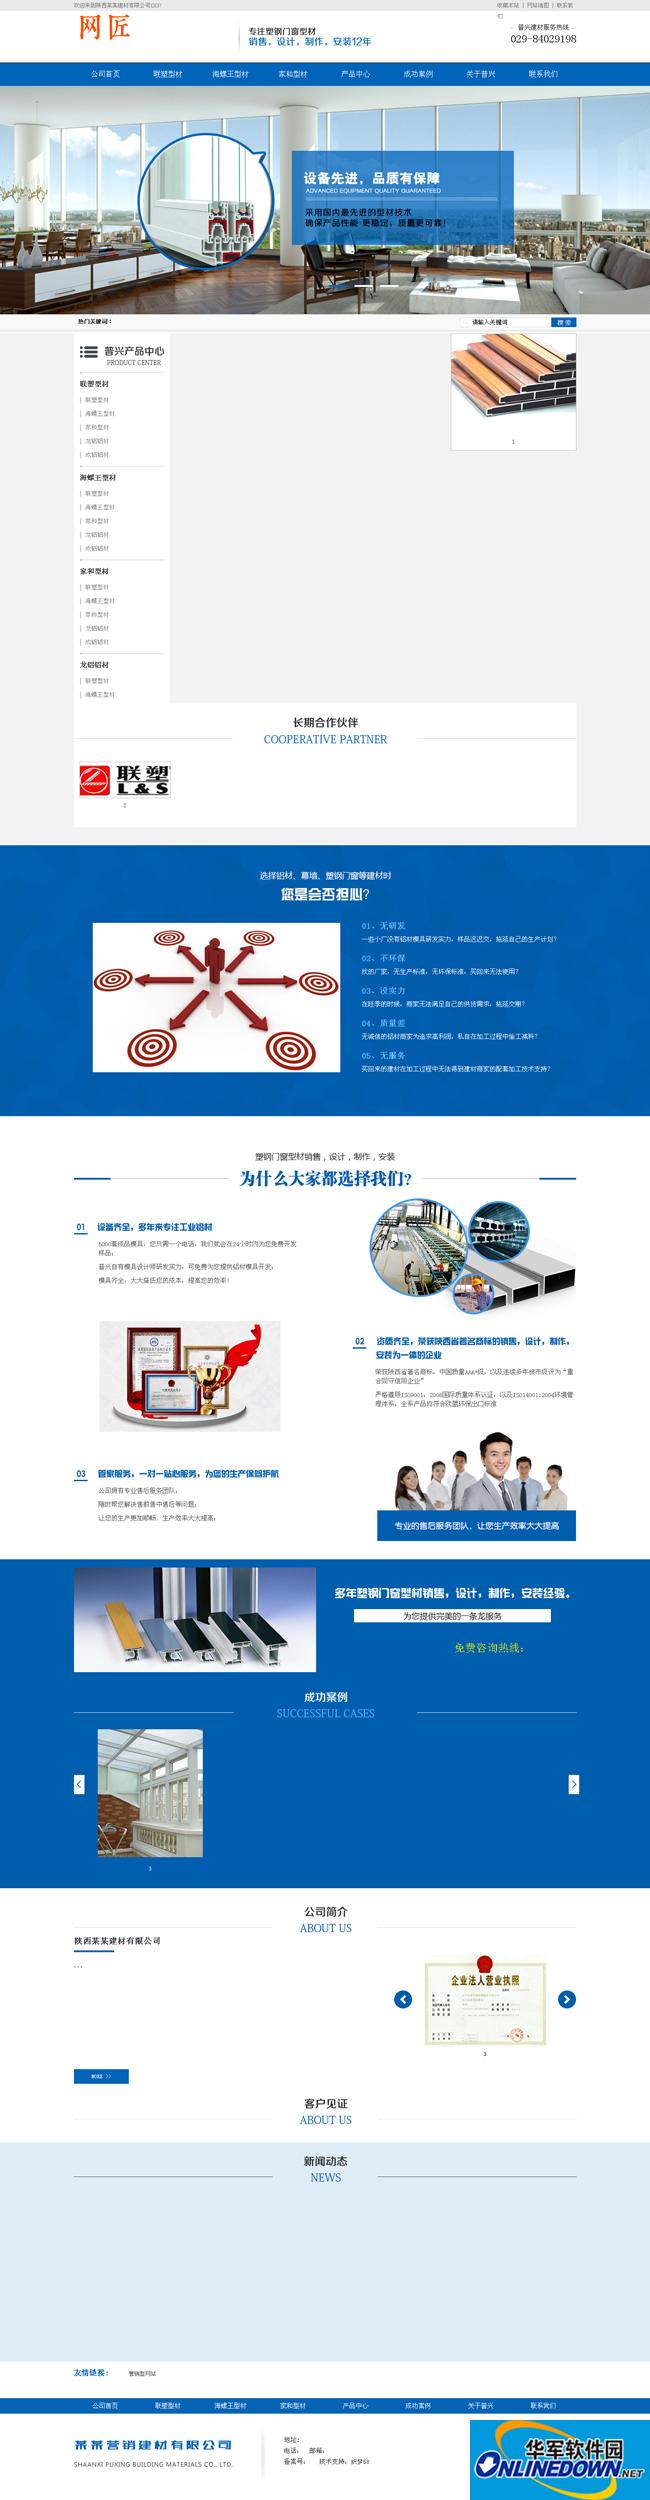 营销型塑料联塑建材行业网站织梦模板 (带html5手机端)